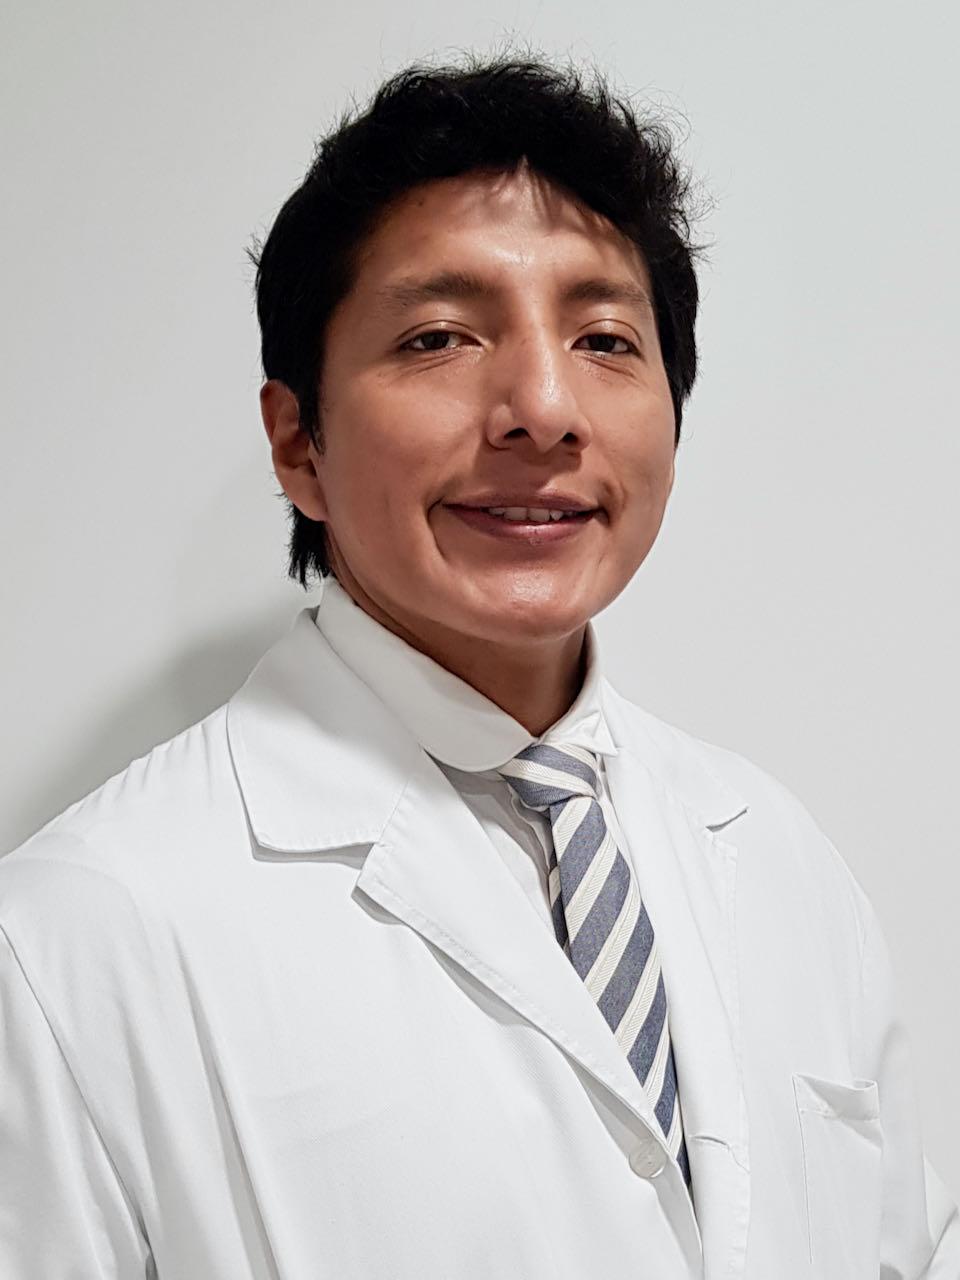 Dr. Paul Pilares Ortega